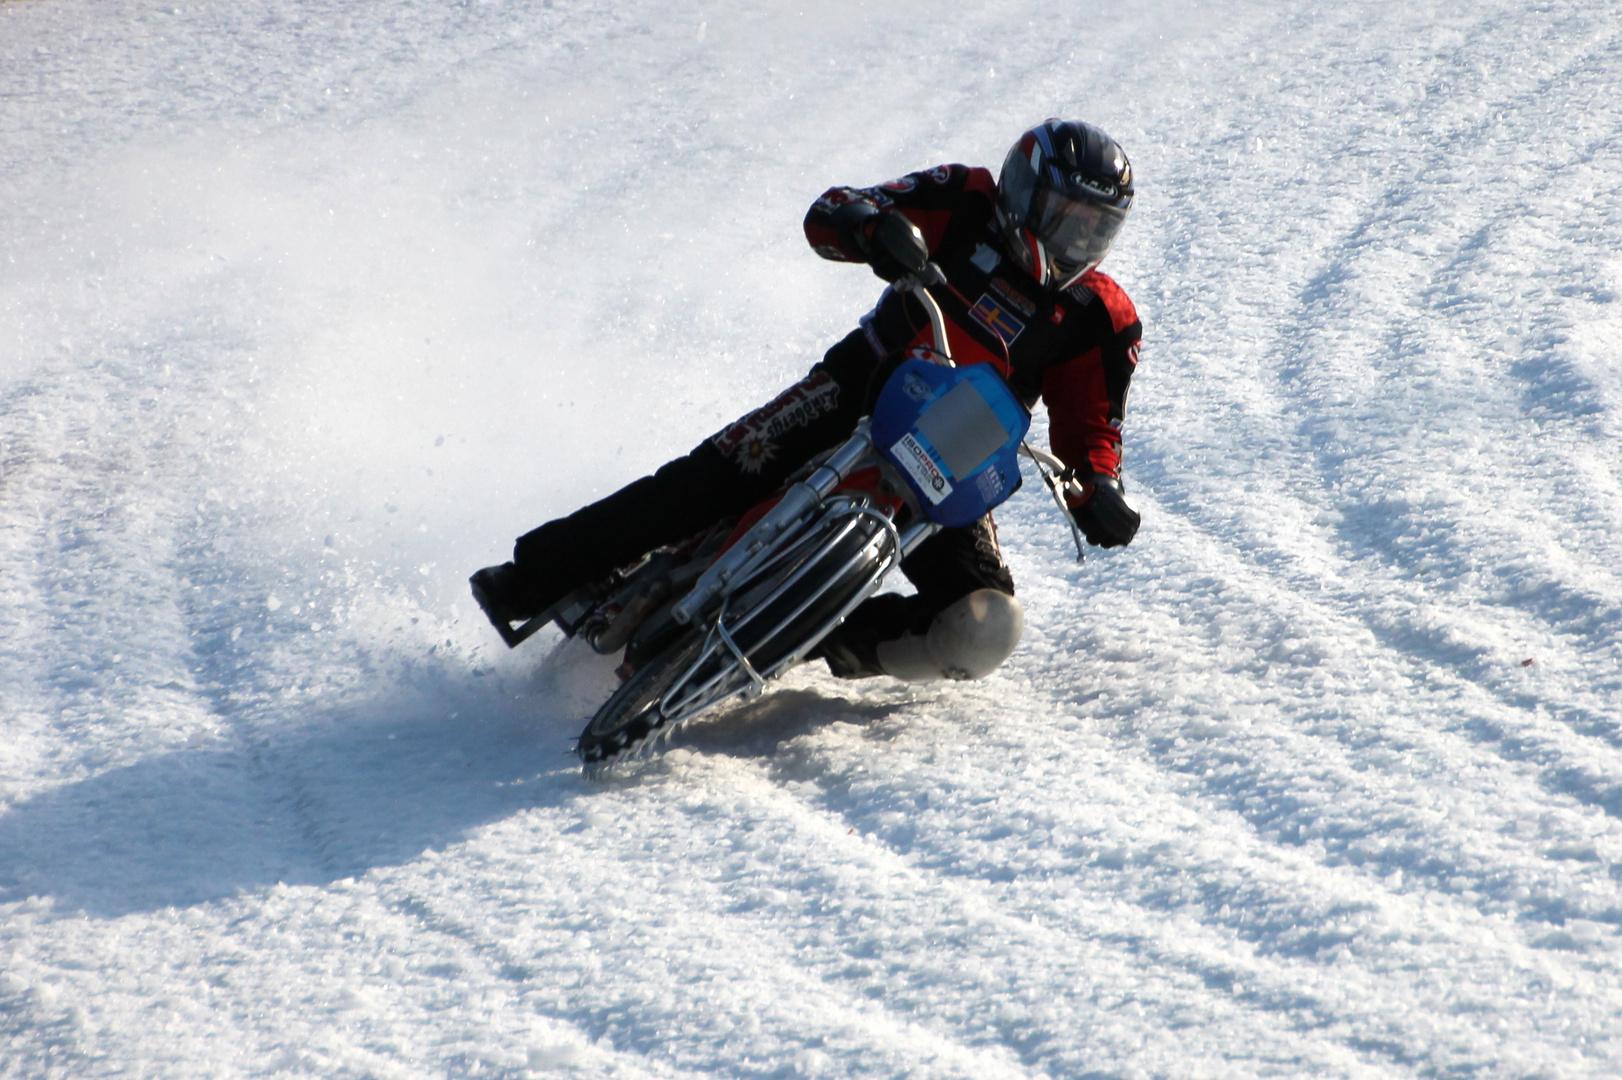 Eis-Speedway